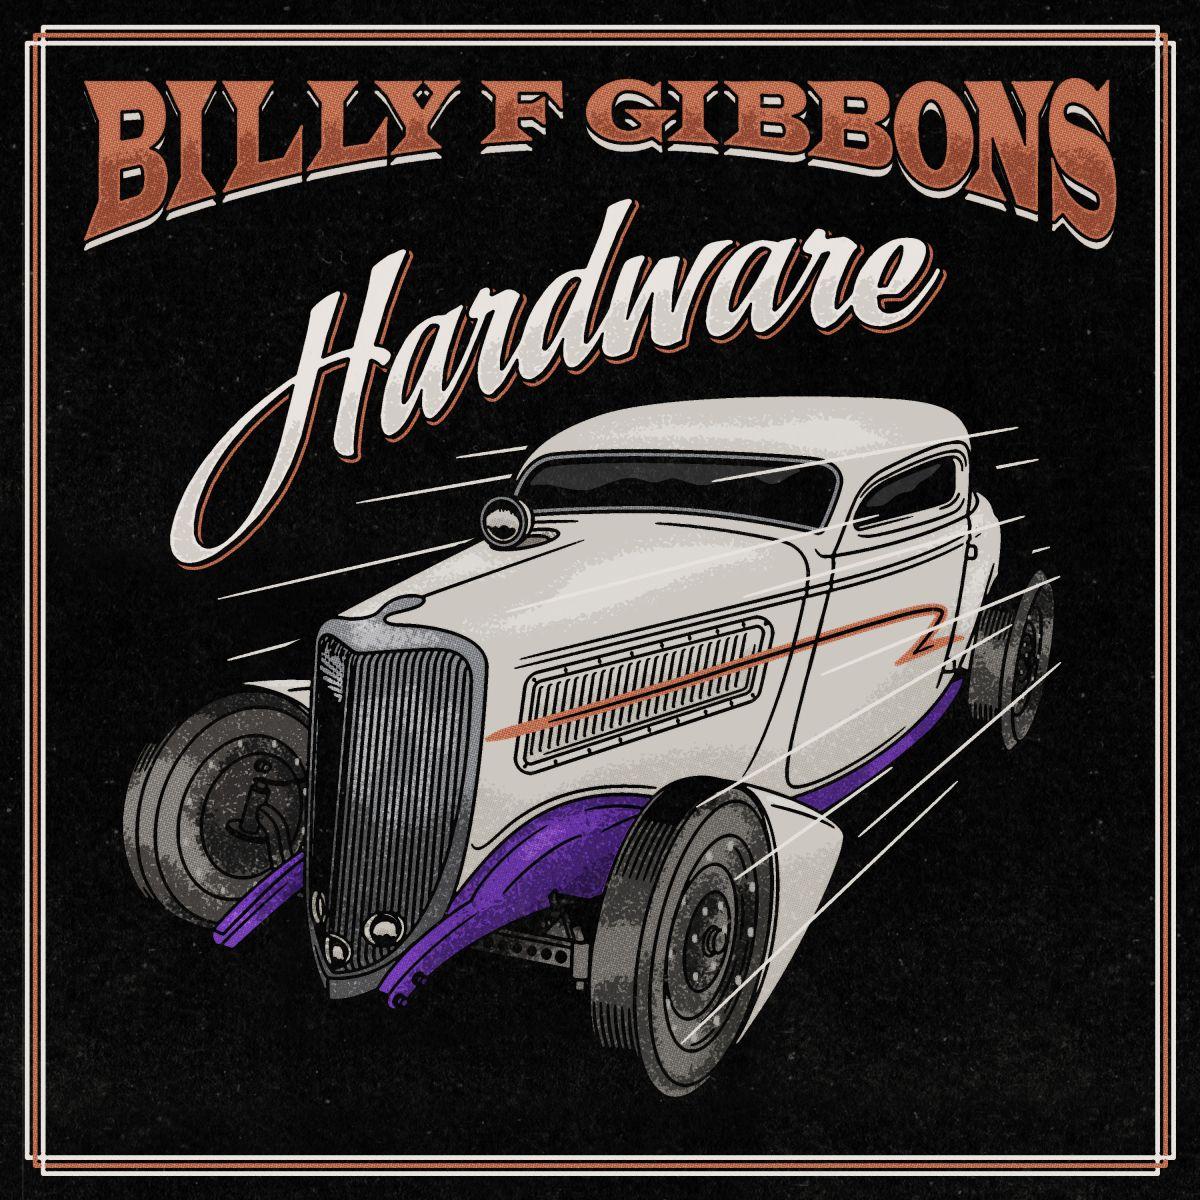 Billy Gibbons Hardware Album Cover Artwork